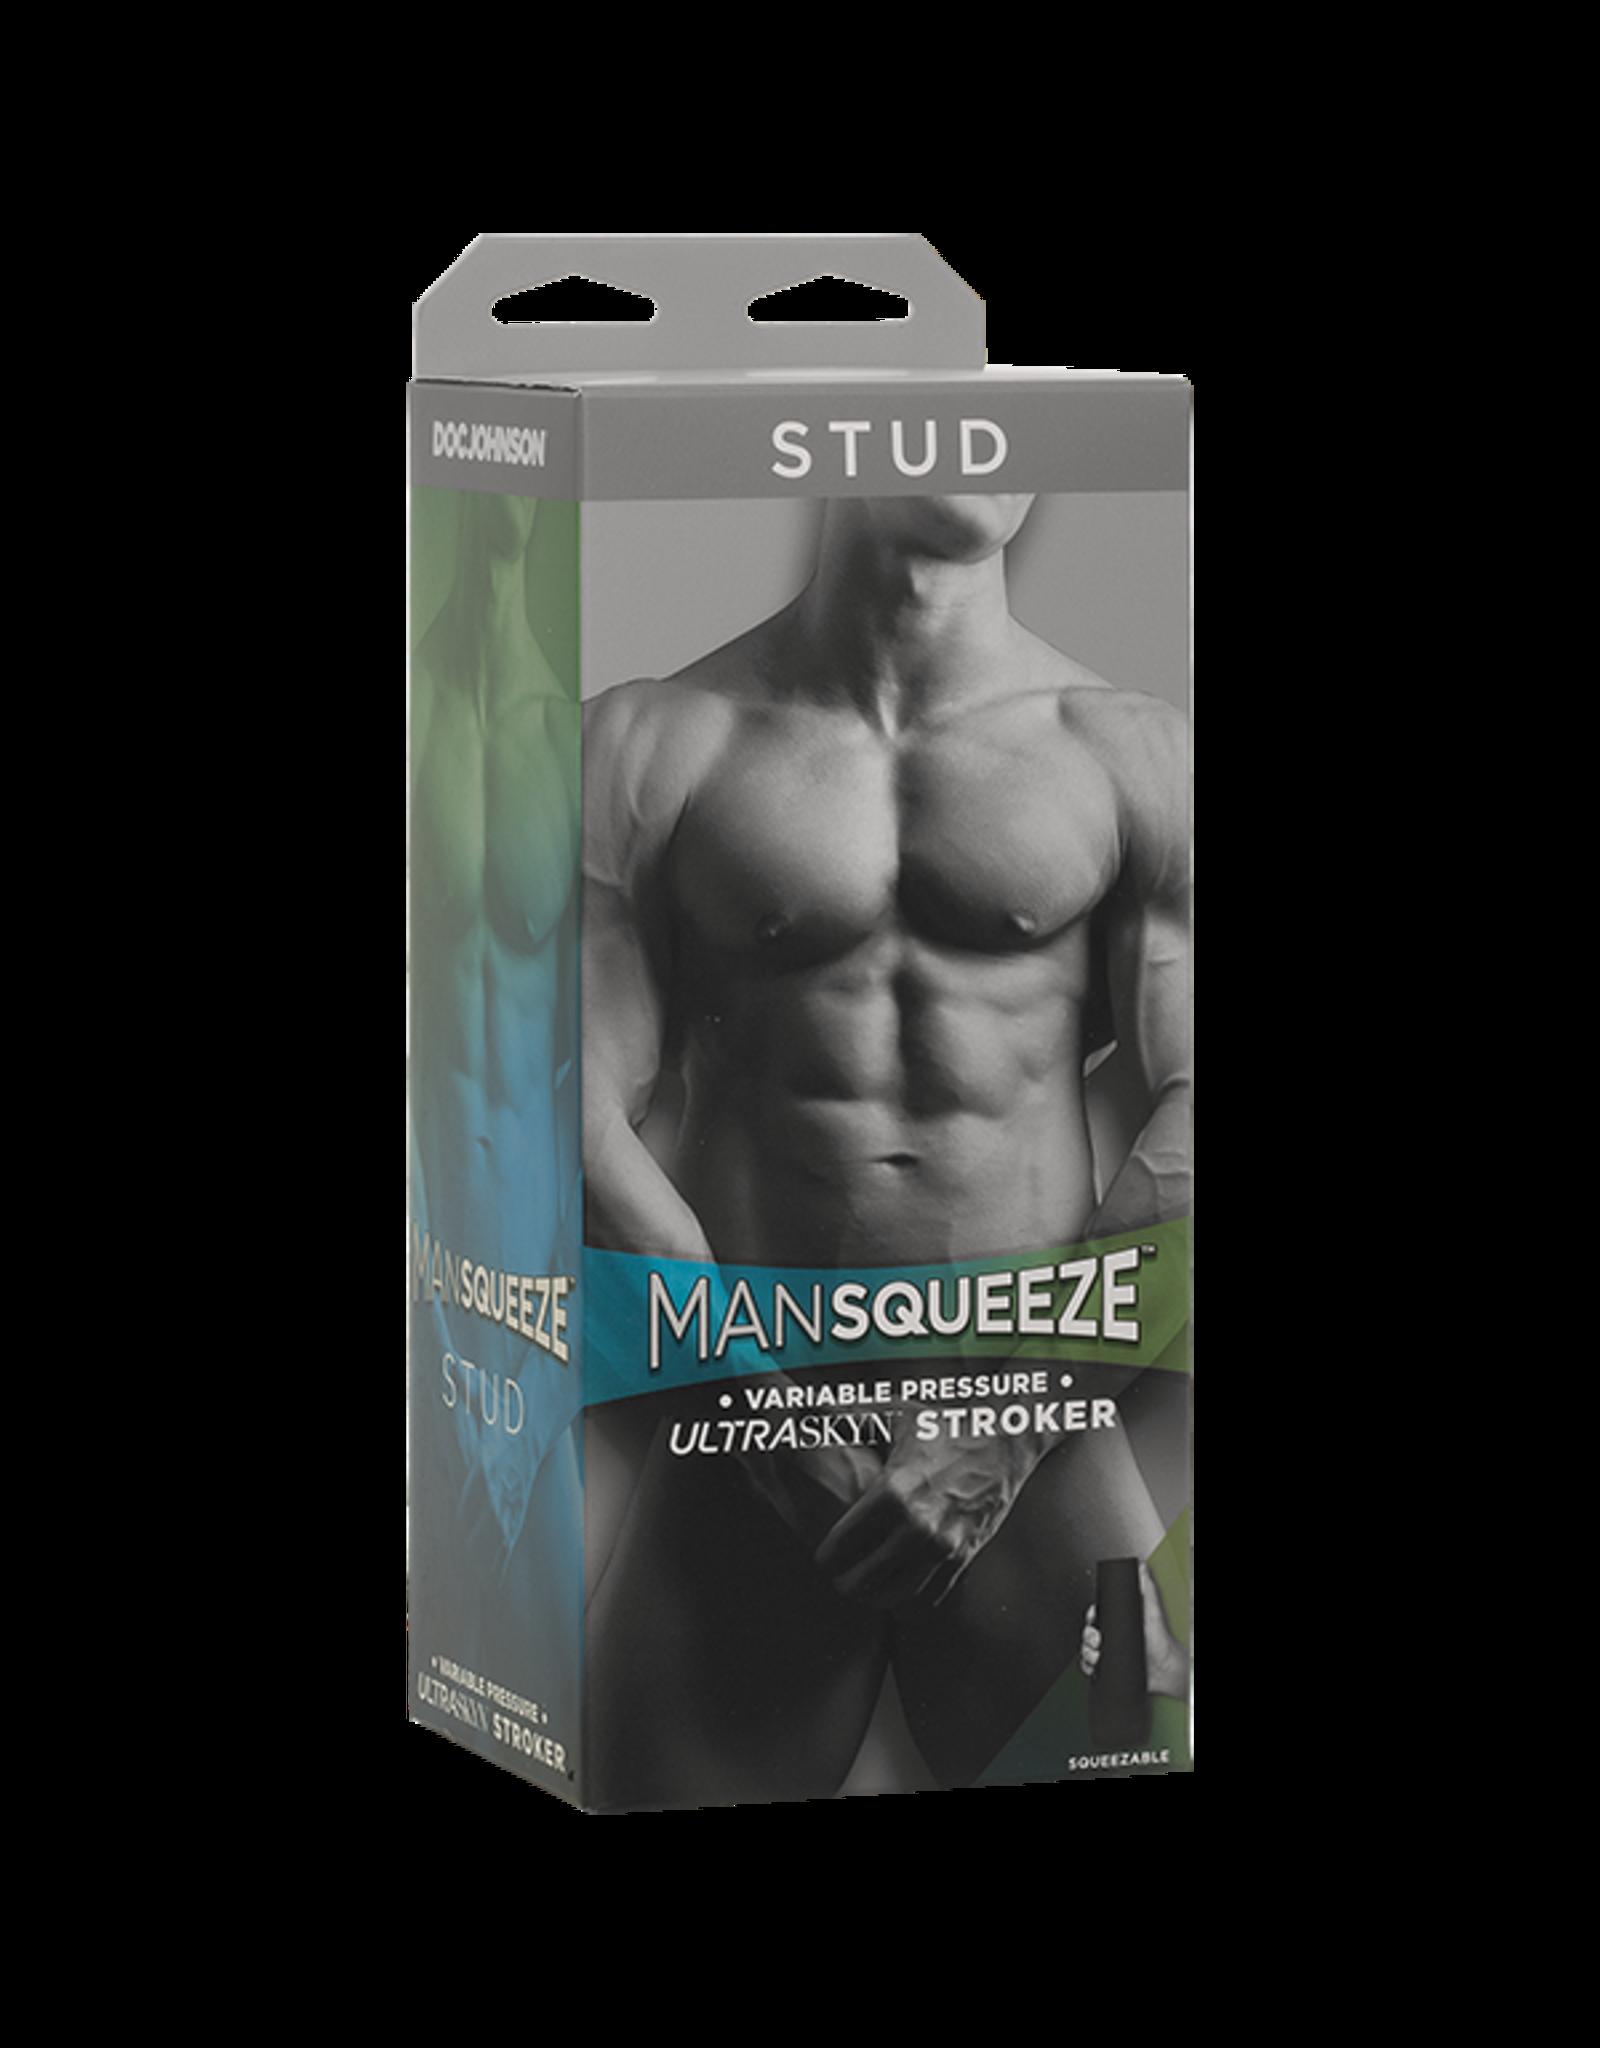 Man Squeeze Man Squeeze - Stud